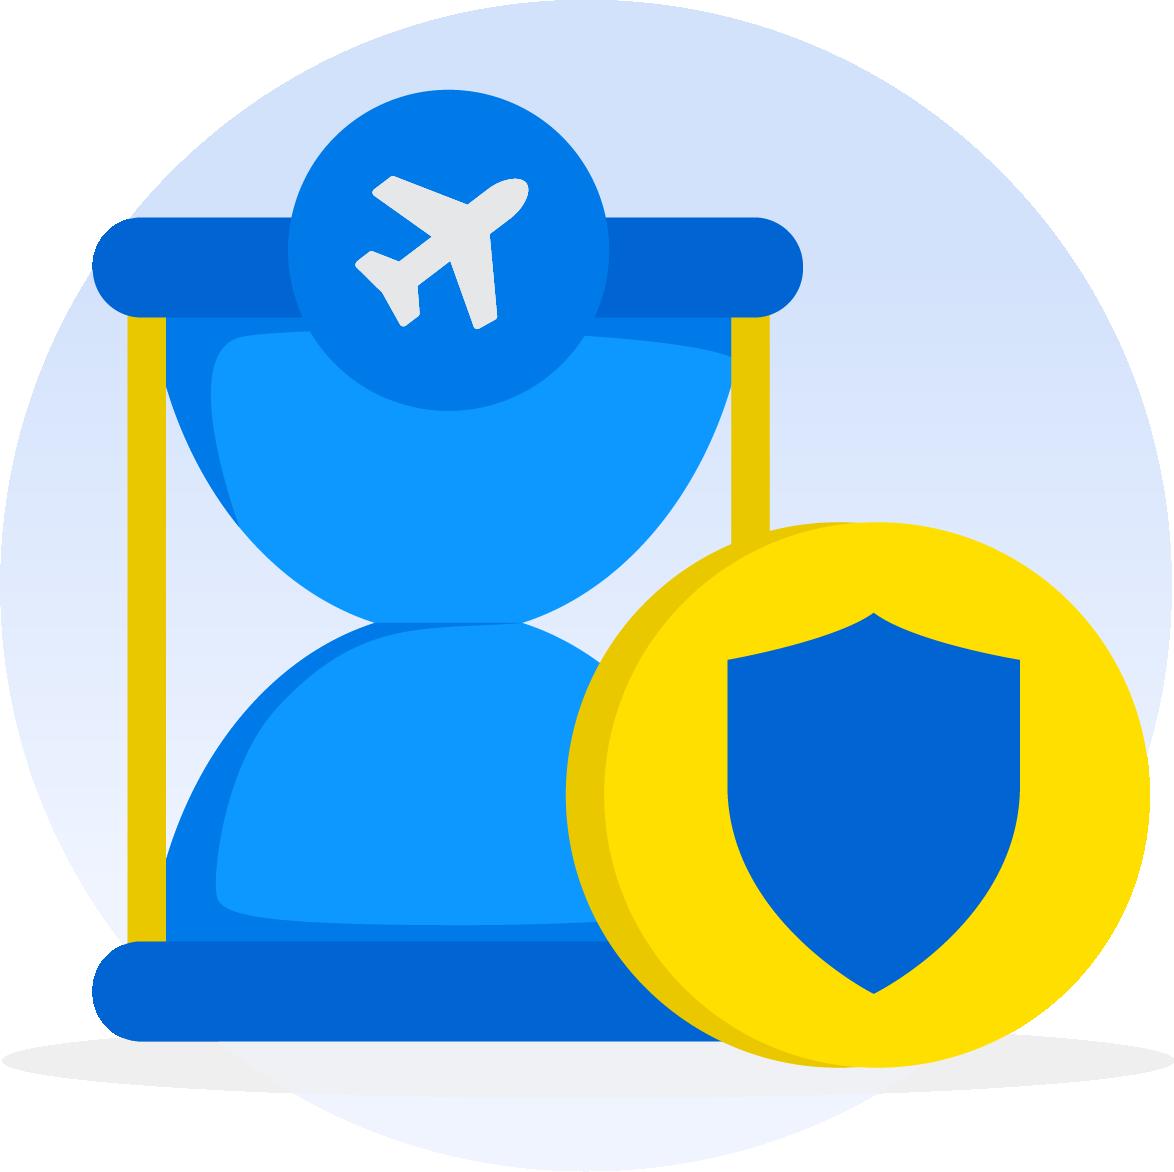 Gratis Asuransi Setiap Beli Tiket Pesawat di tiket.com